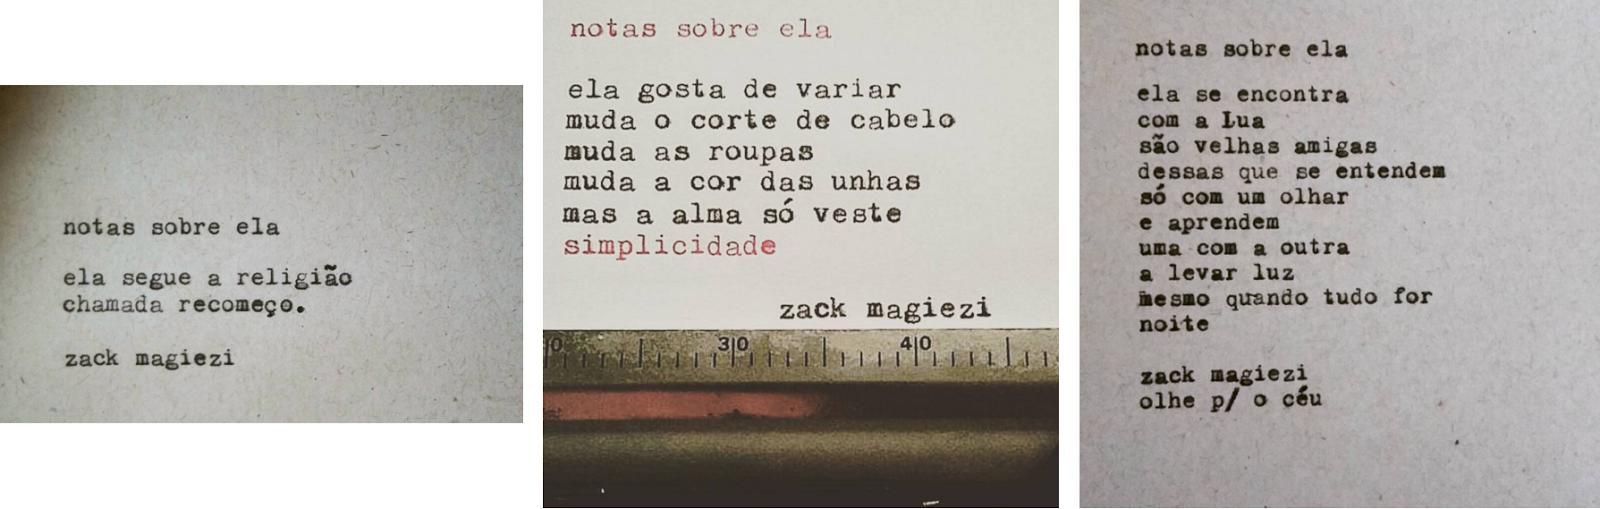 Rendas E Paetês Notas Sobre Ela Zack Magiezi